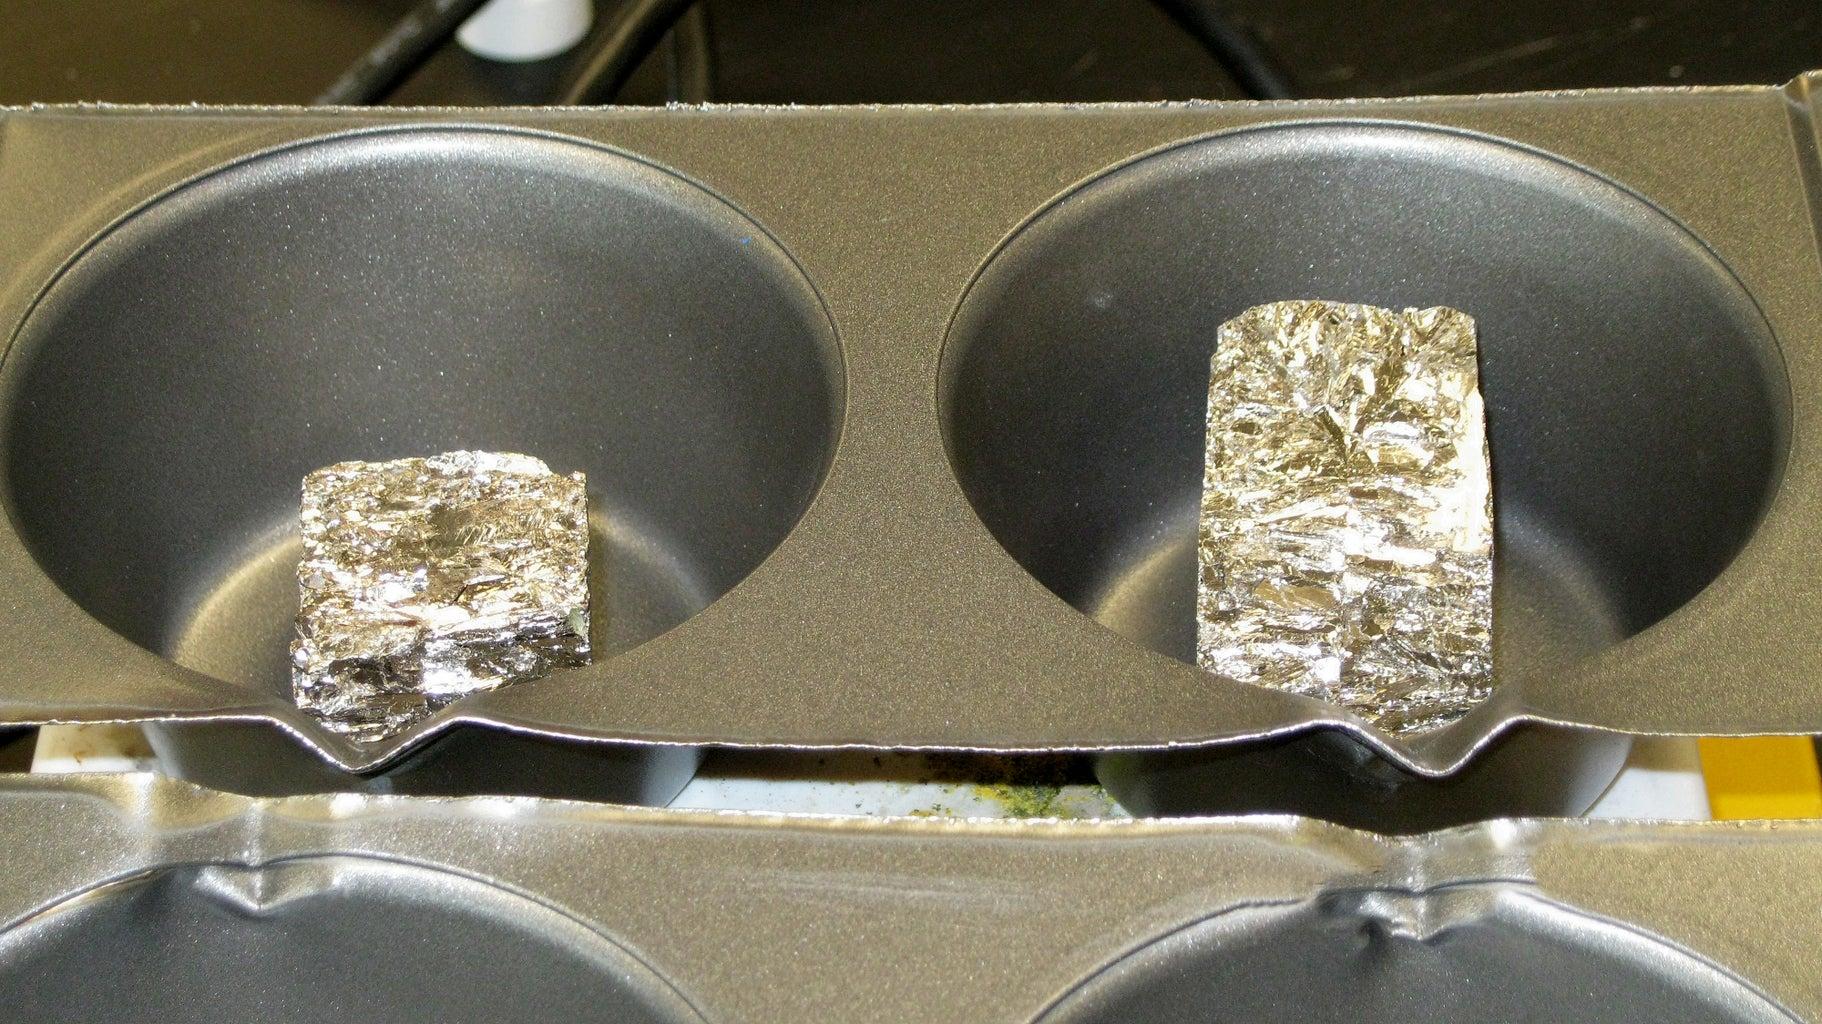 Melting the Bismuth